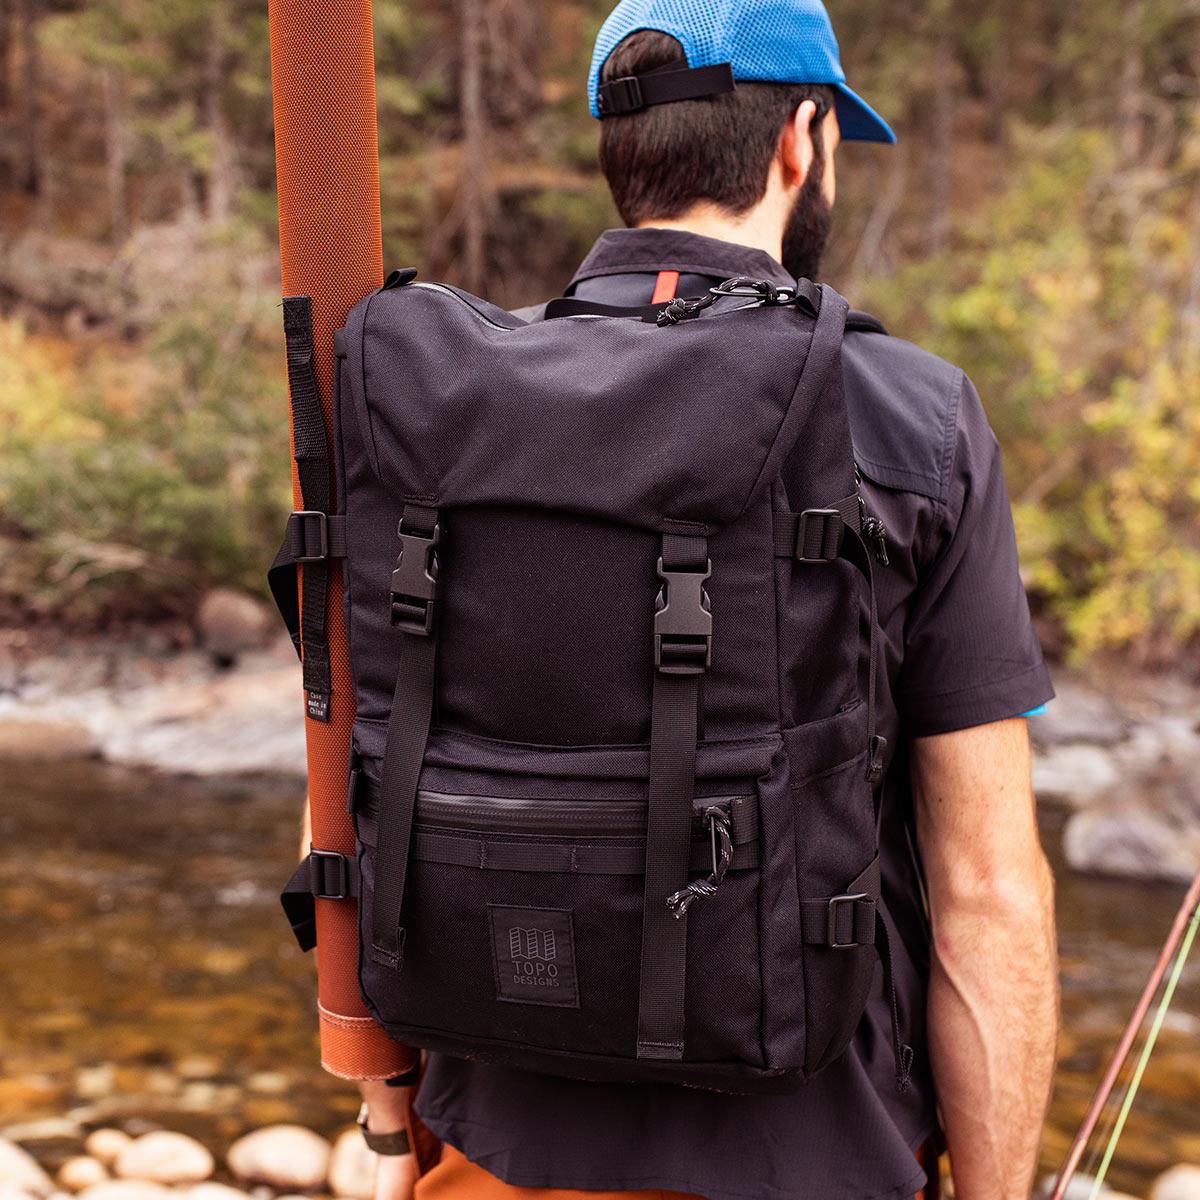 Topo Designs Rover Pack Tech Navy, der ideale Rucksack für den täglichen Gebrauch